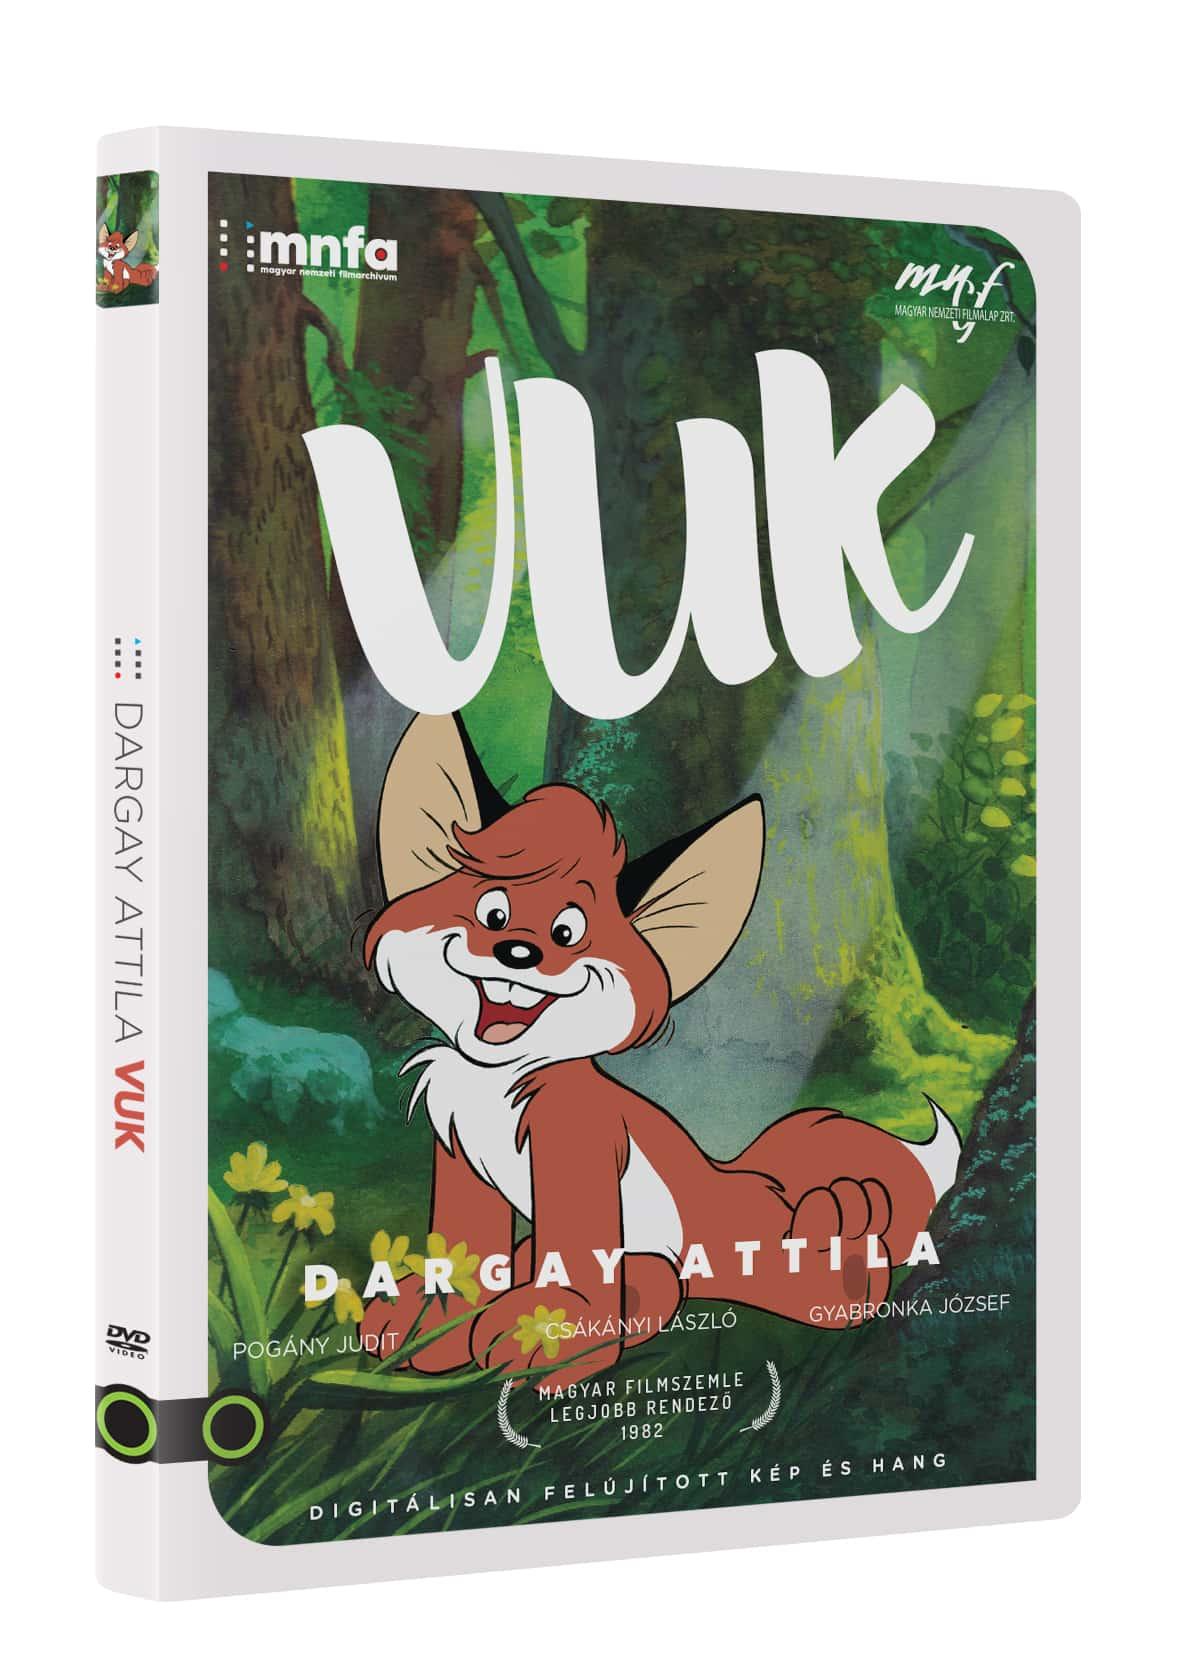 Vuk (MNFA kiadás) - DVD